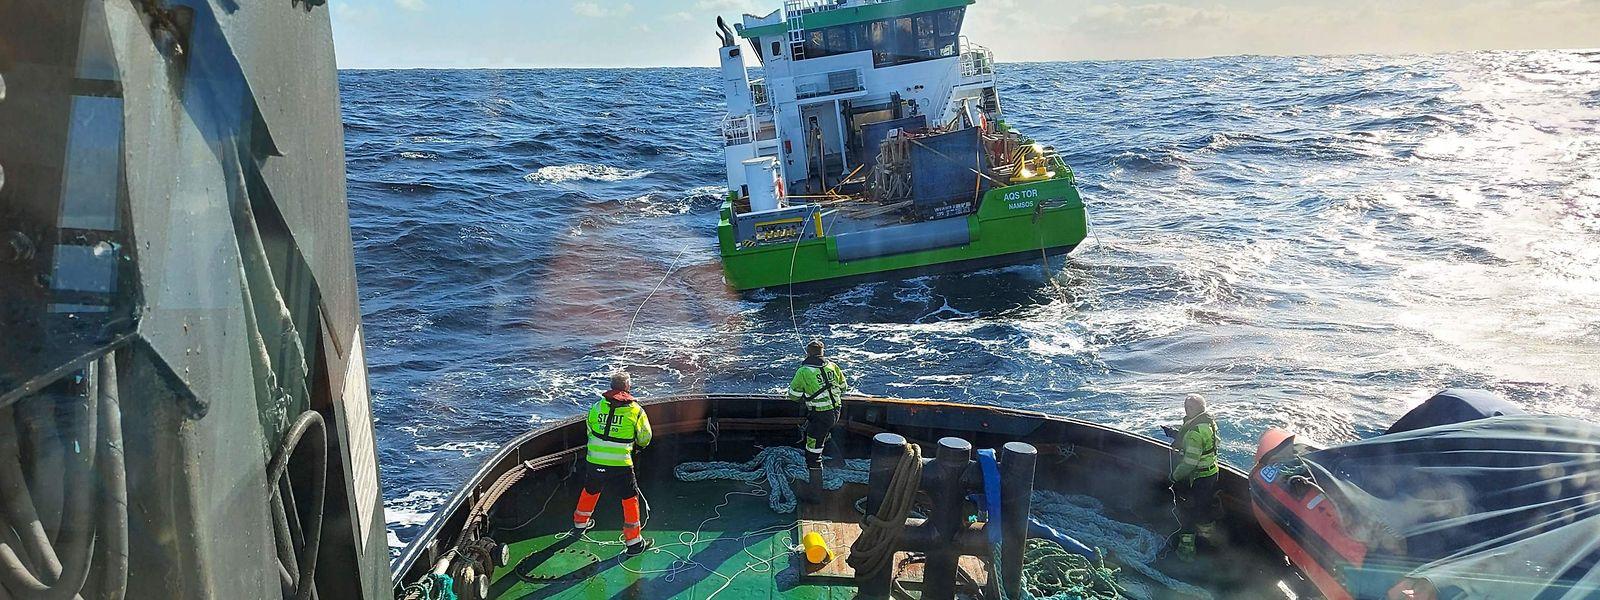 Das Frachtschiff wurde in der Nacht zu Donnerstag gesichert und abgeschleppt.